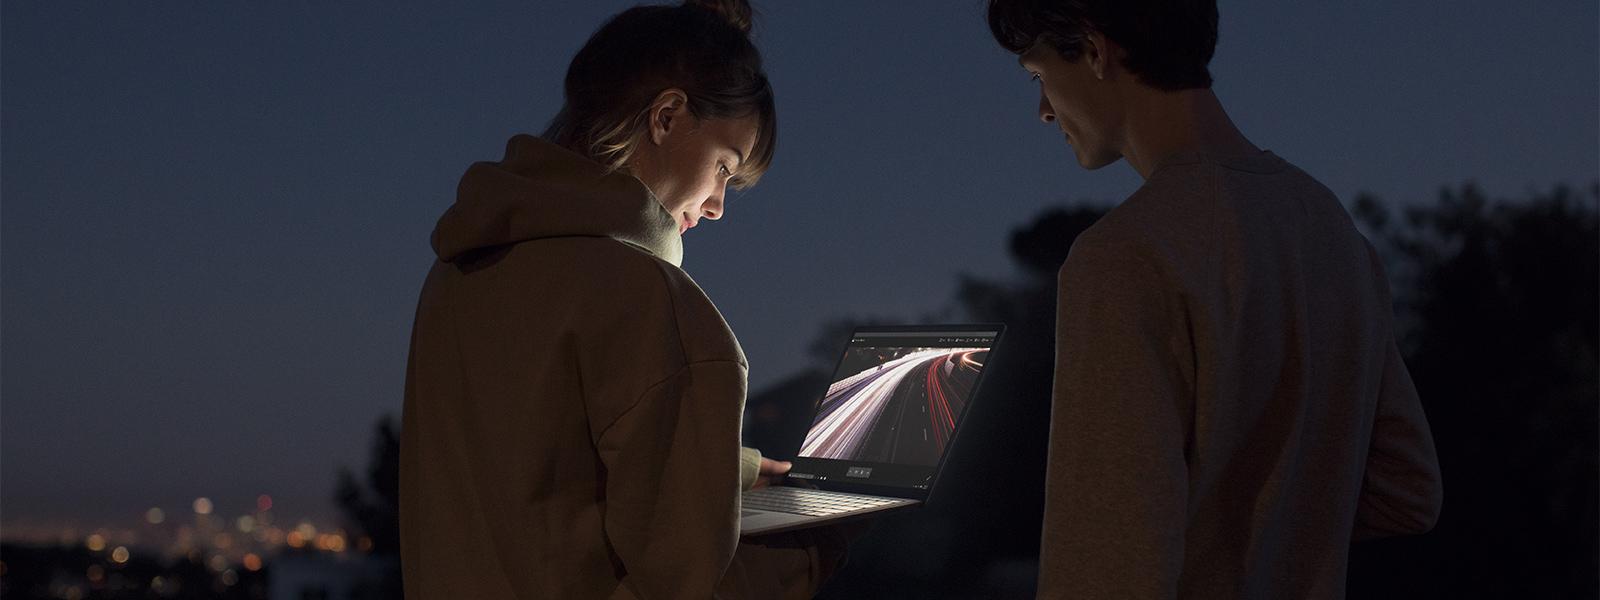 男人和女人看着 Surface PixelSense™ 显示屏